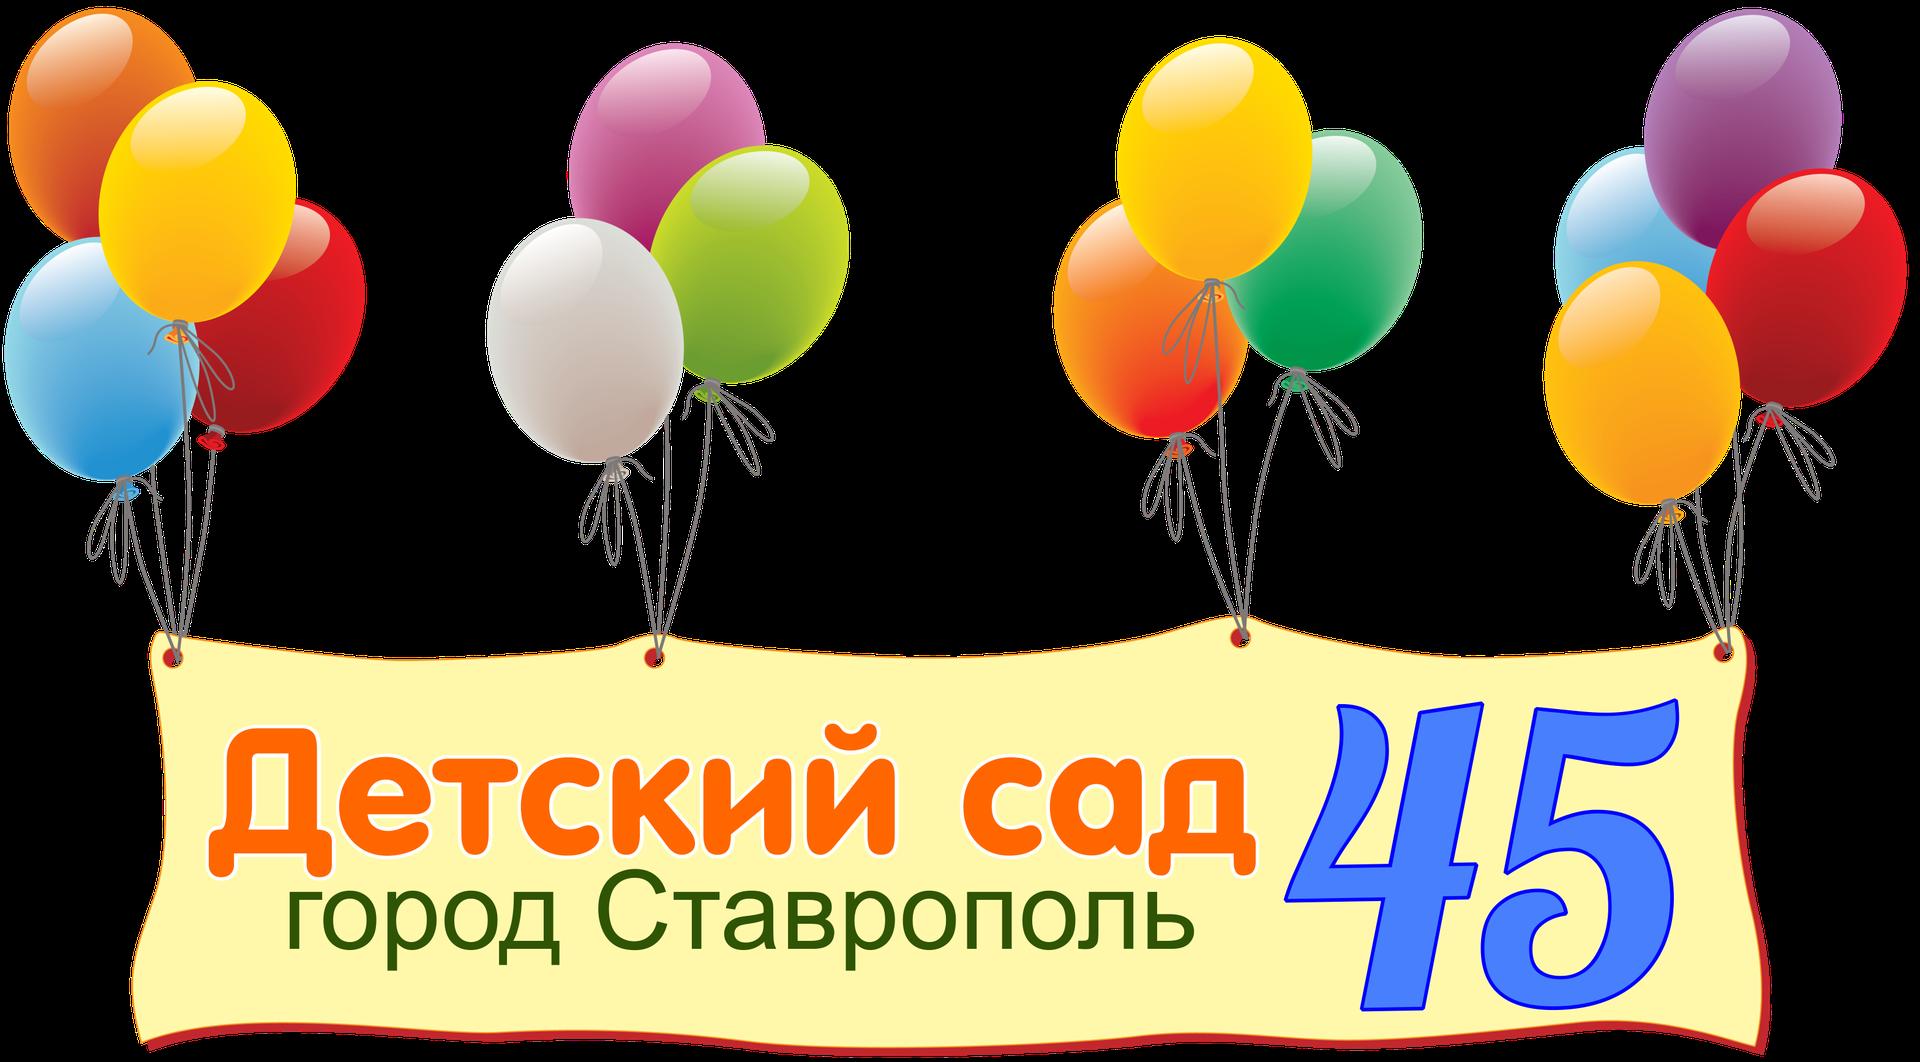 45.stavsad.ru